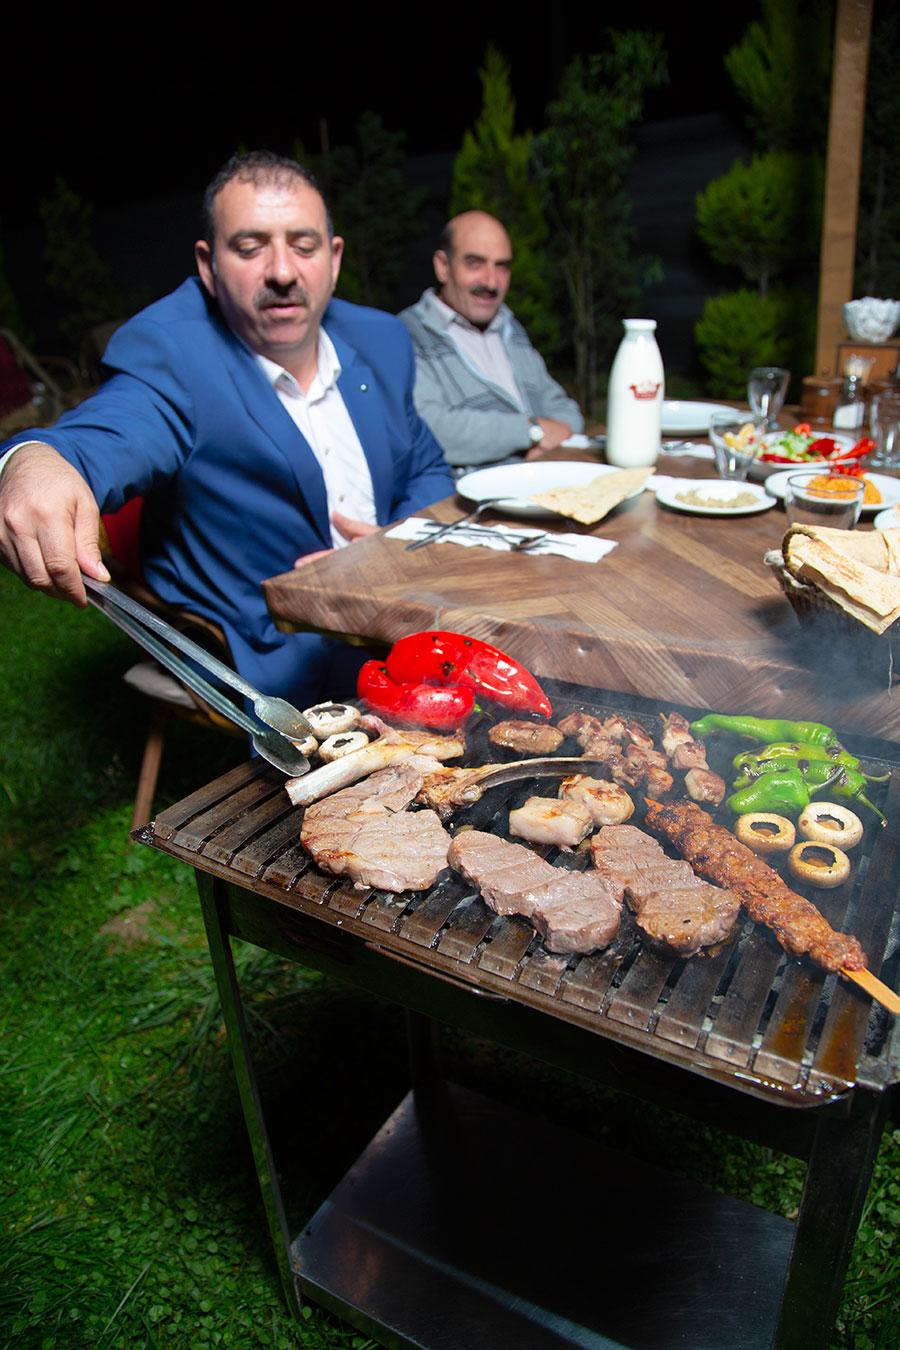 İstanbul Arnavutköyde Kendin Pişir Kendin Ye Mekanları